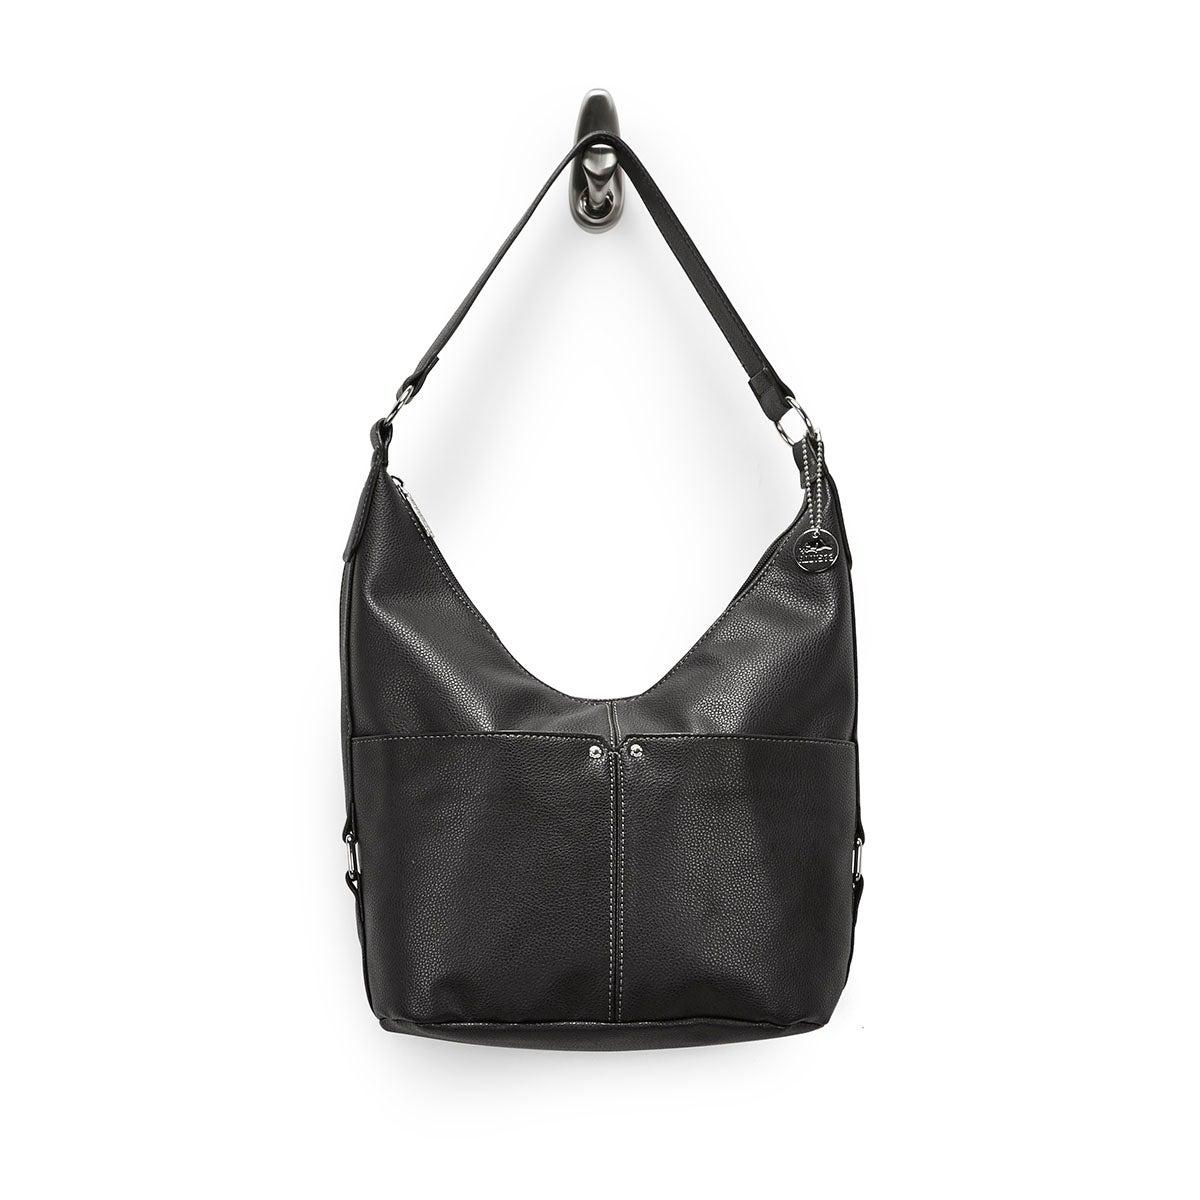 Lds Roots73 black belted hobo bag